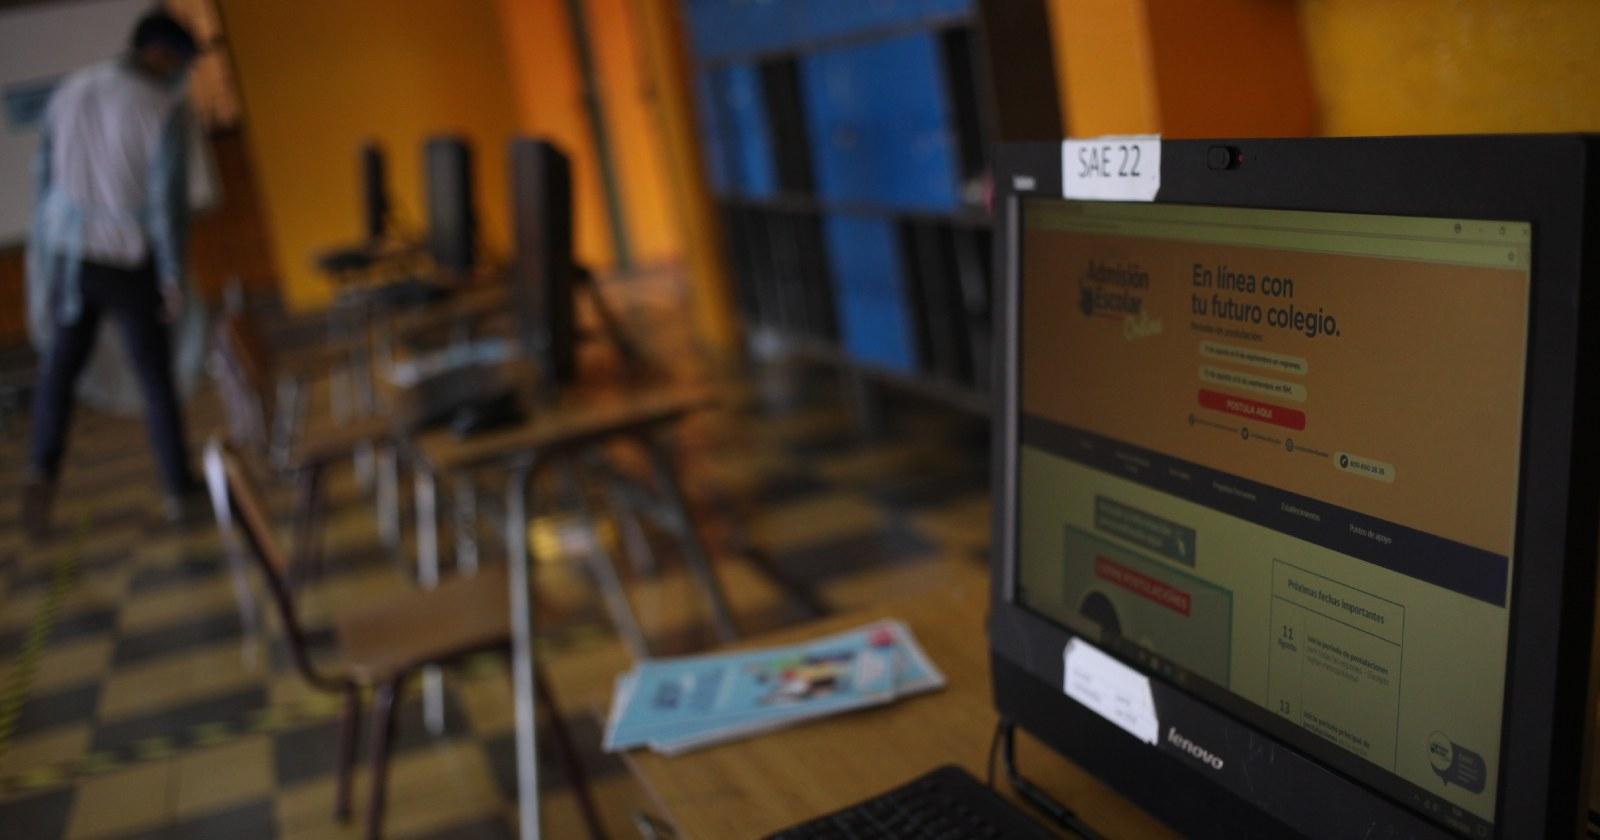 Comienza proceso de postulación a los colegios de la Región Metropolitana a través del Sistema de Admisión Escolar